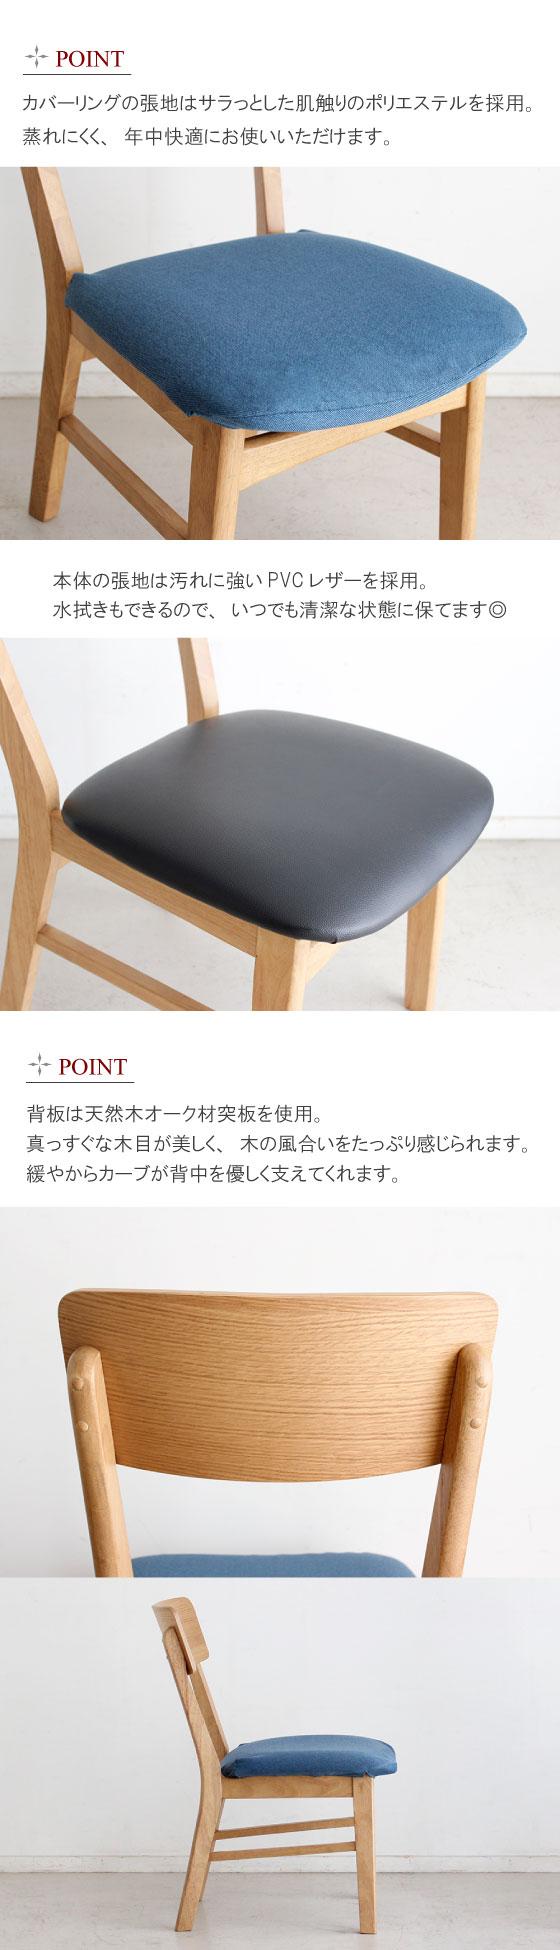 カバーリング仕様・天然木オーク&PVCレザー製ダイニングチェア